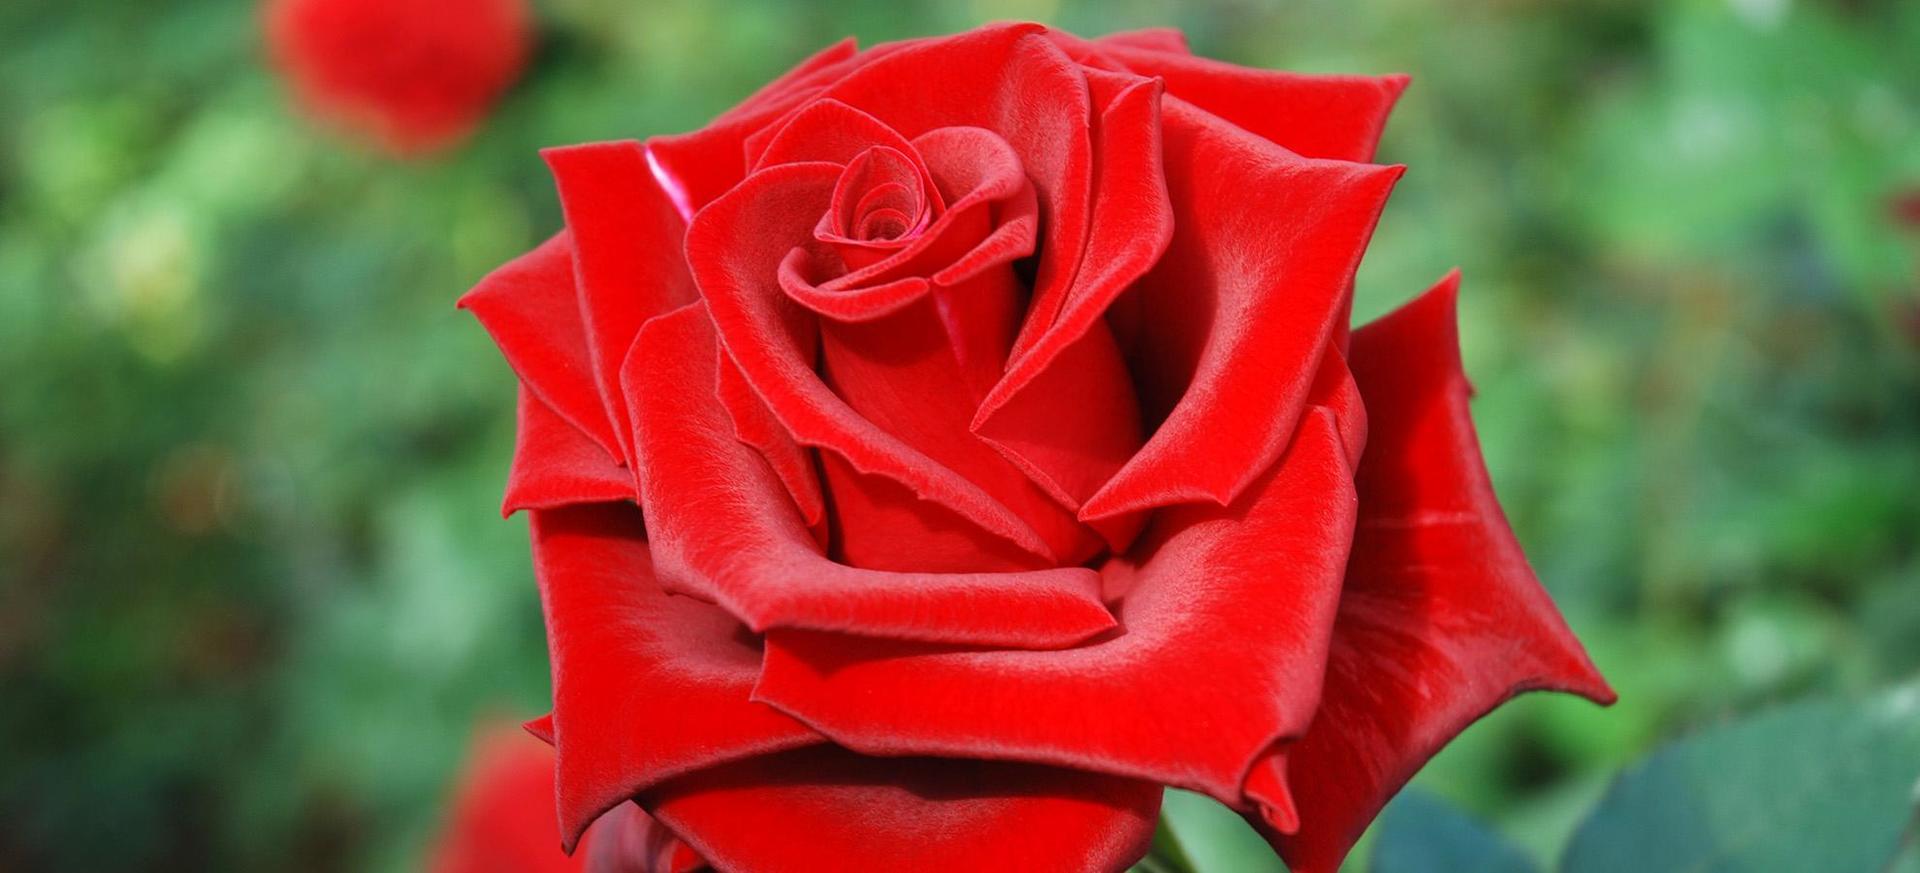 Annaffierei le rose con le mie lacrime per sentire il dolore delle loro spine e il rosso bacio dei loro petali.